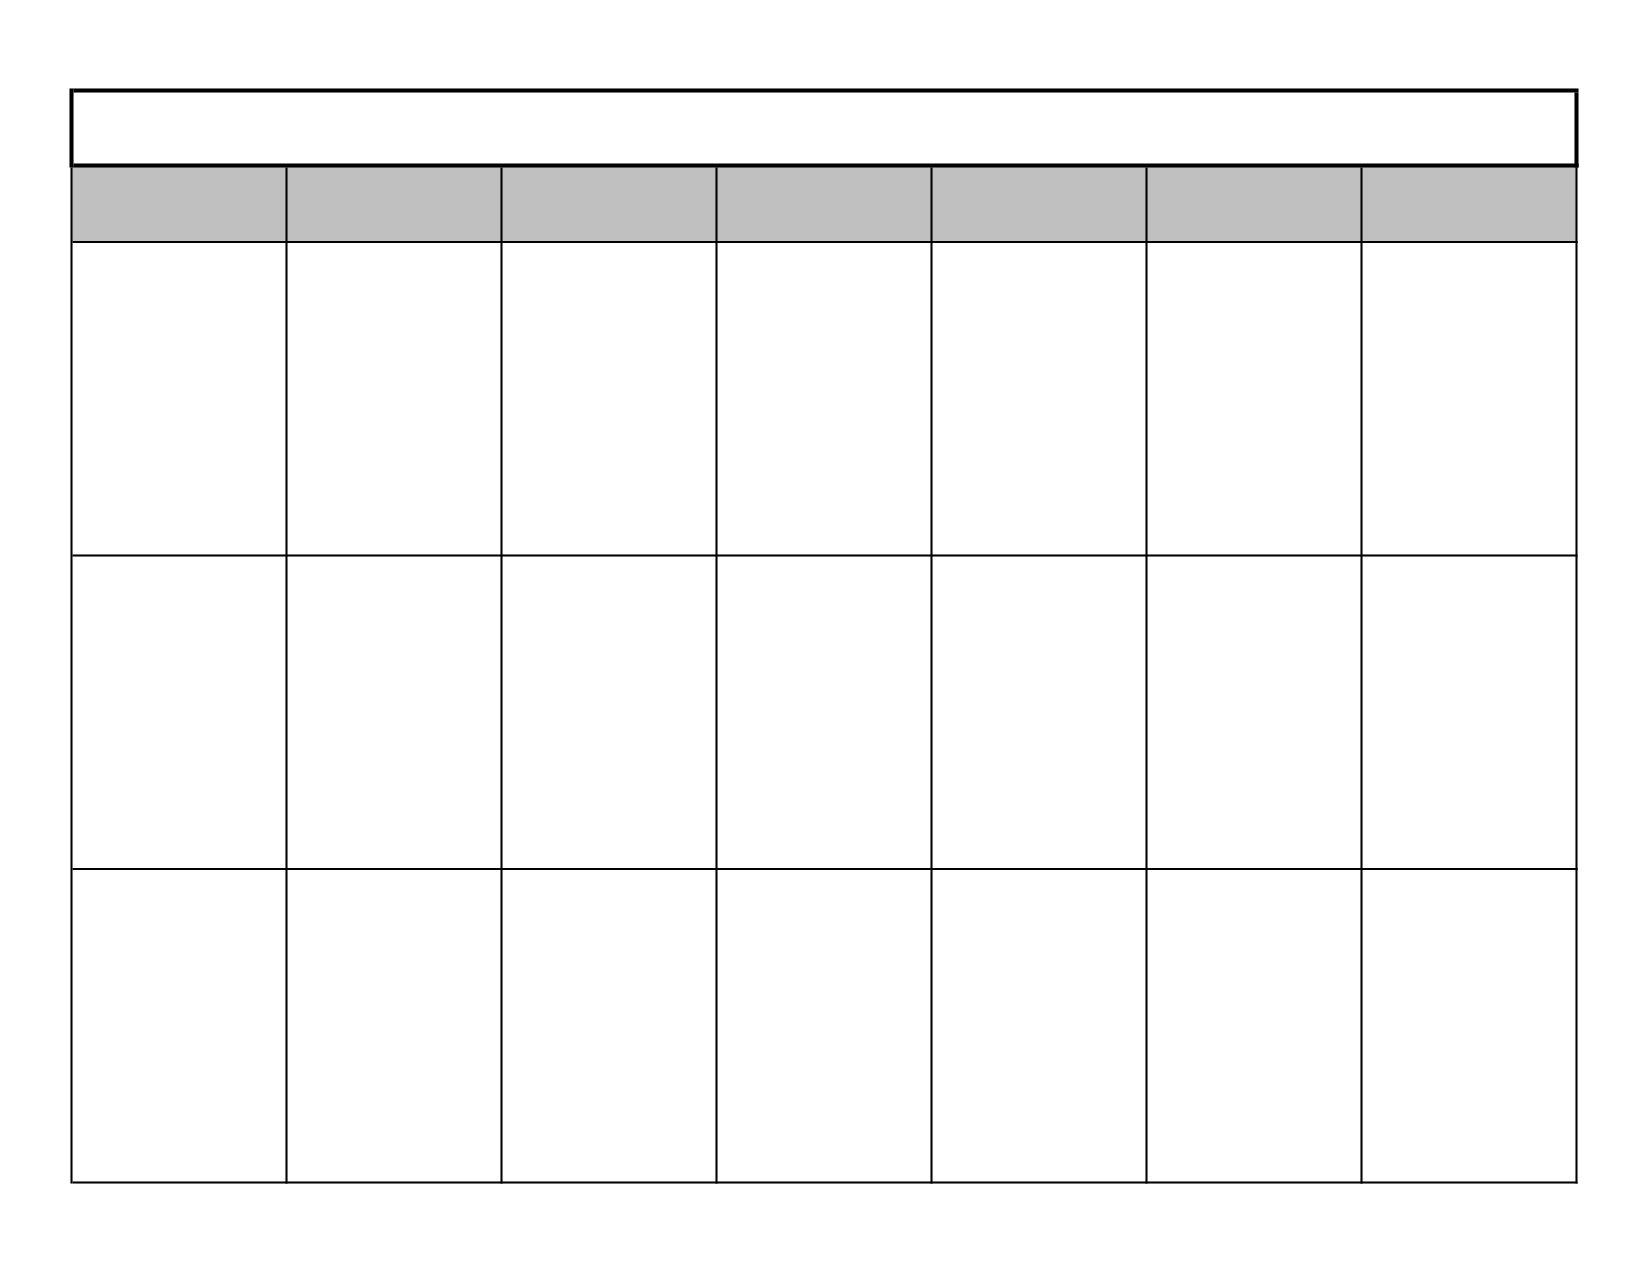 Blank Calendar Template Aplg Planetariums Org Ripping 2 Week in 2 Week Blank Calendar Printable